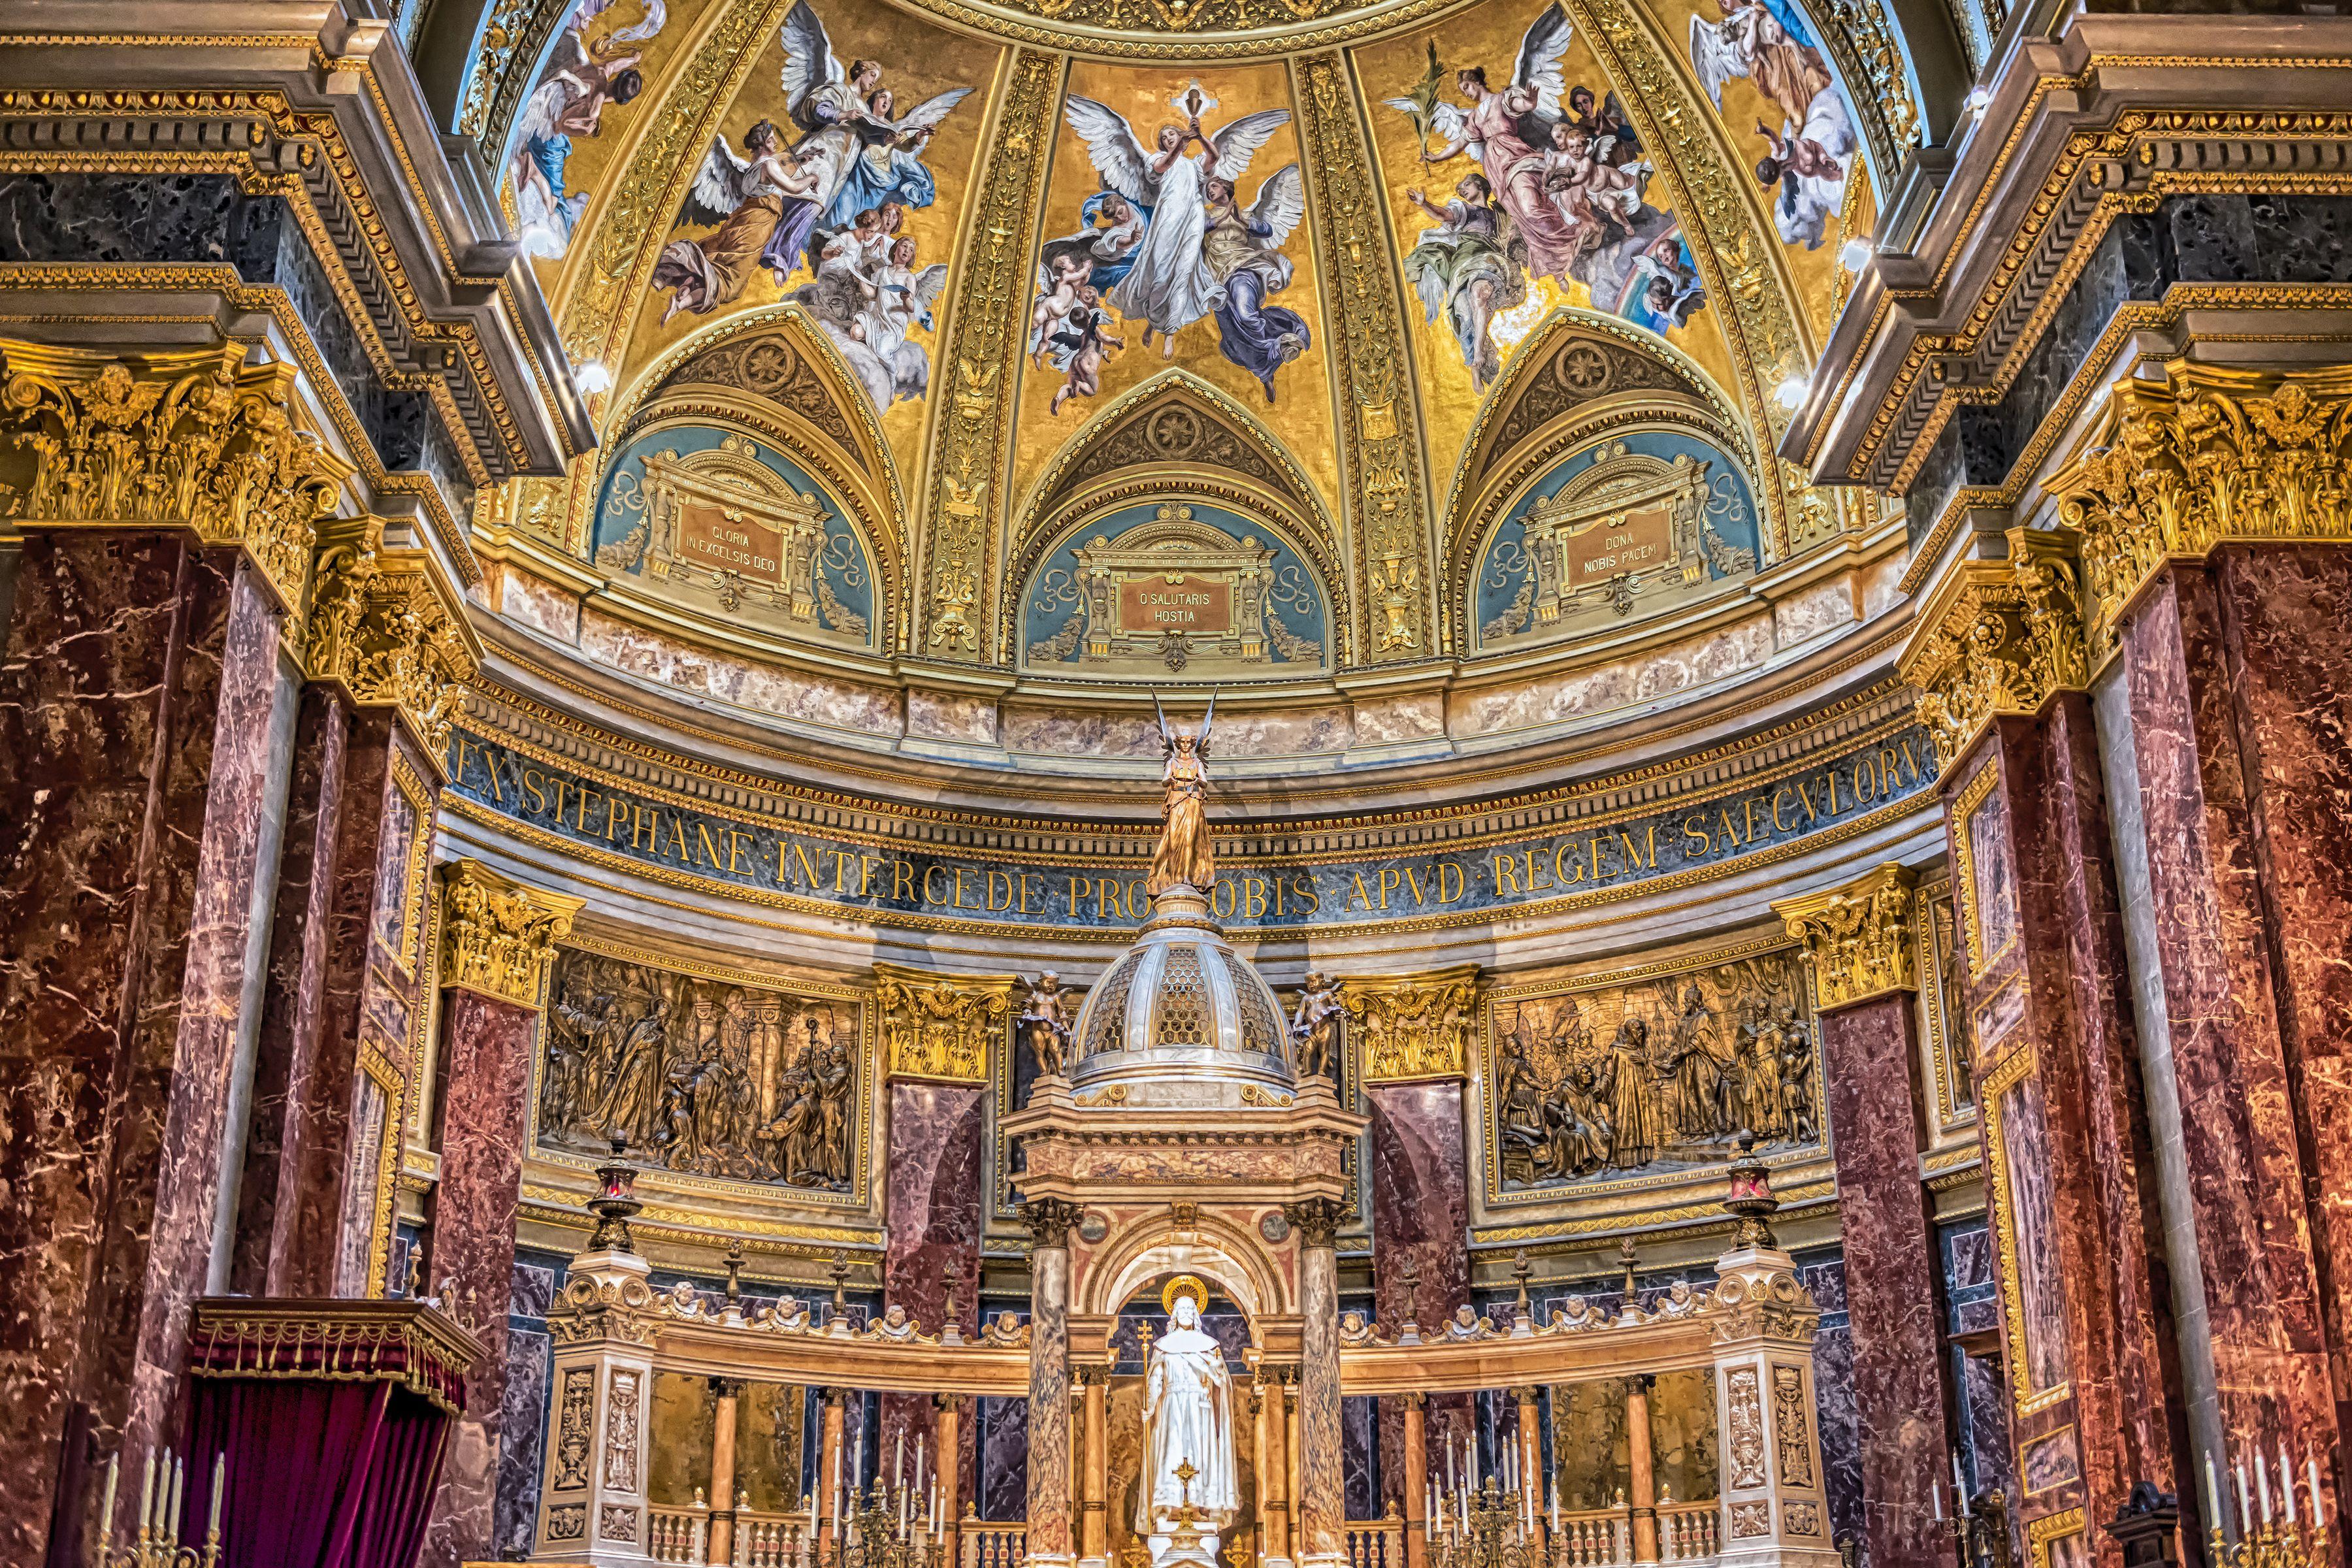 St. Stephen's Church Vienna